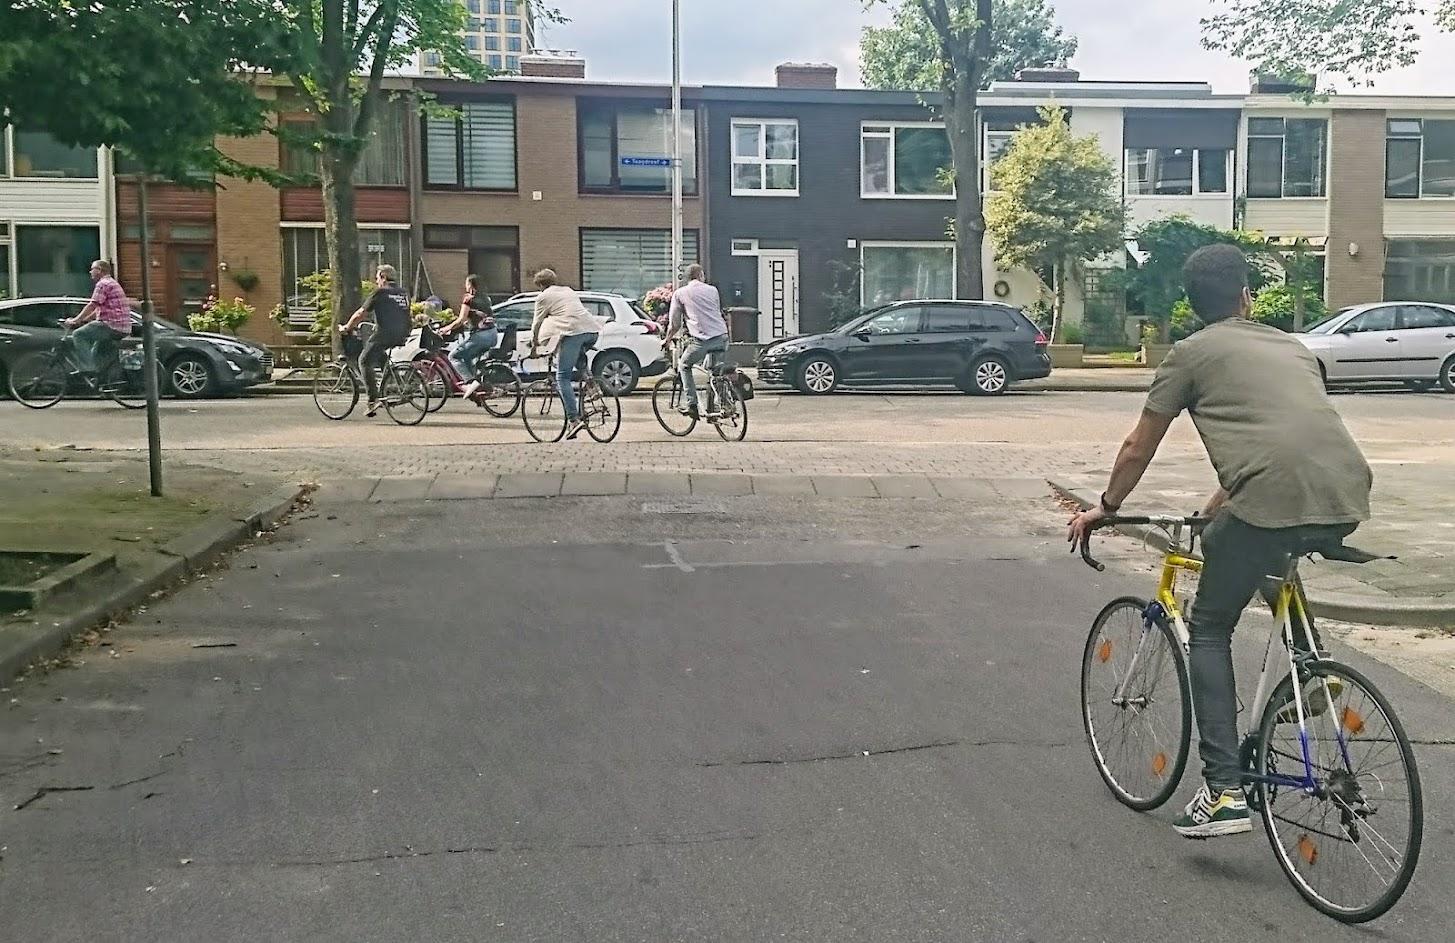 fietsende-mensen-taagdreef-voor-etapas-flyer